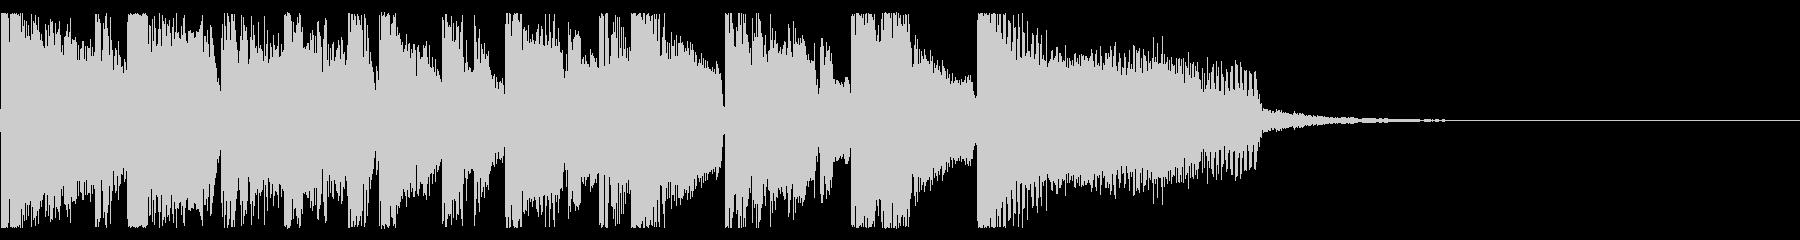 ポップなEDM系ジングルミュージック2の未再生の波形